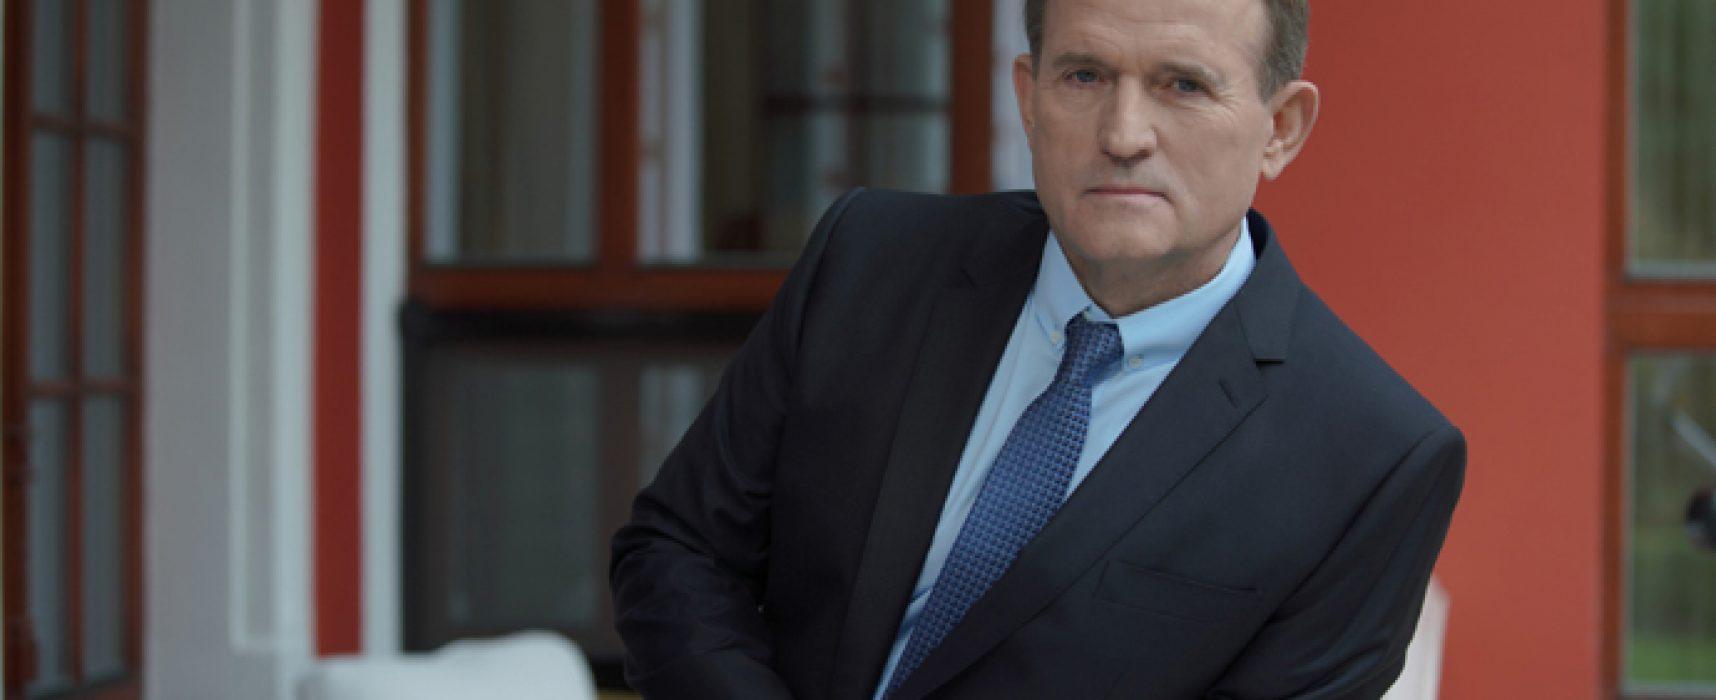 Высказывания Медведчука в эфире «112 Украина» угрожают нацбезопасности Украины – регулятор